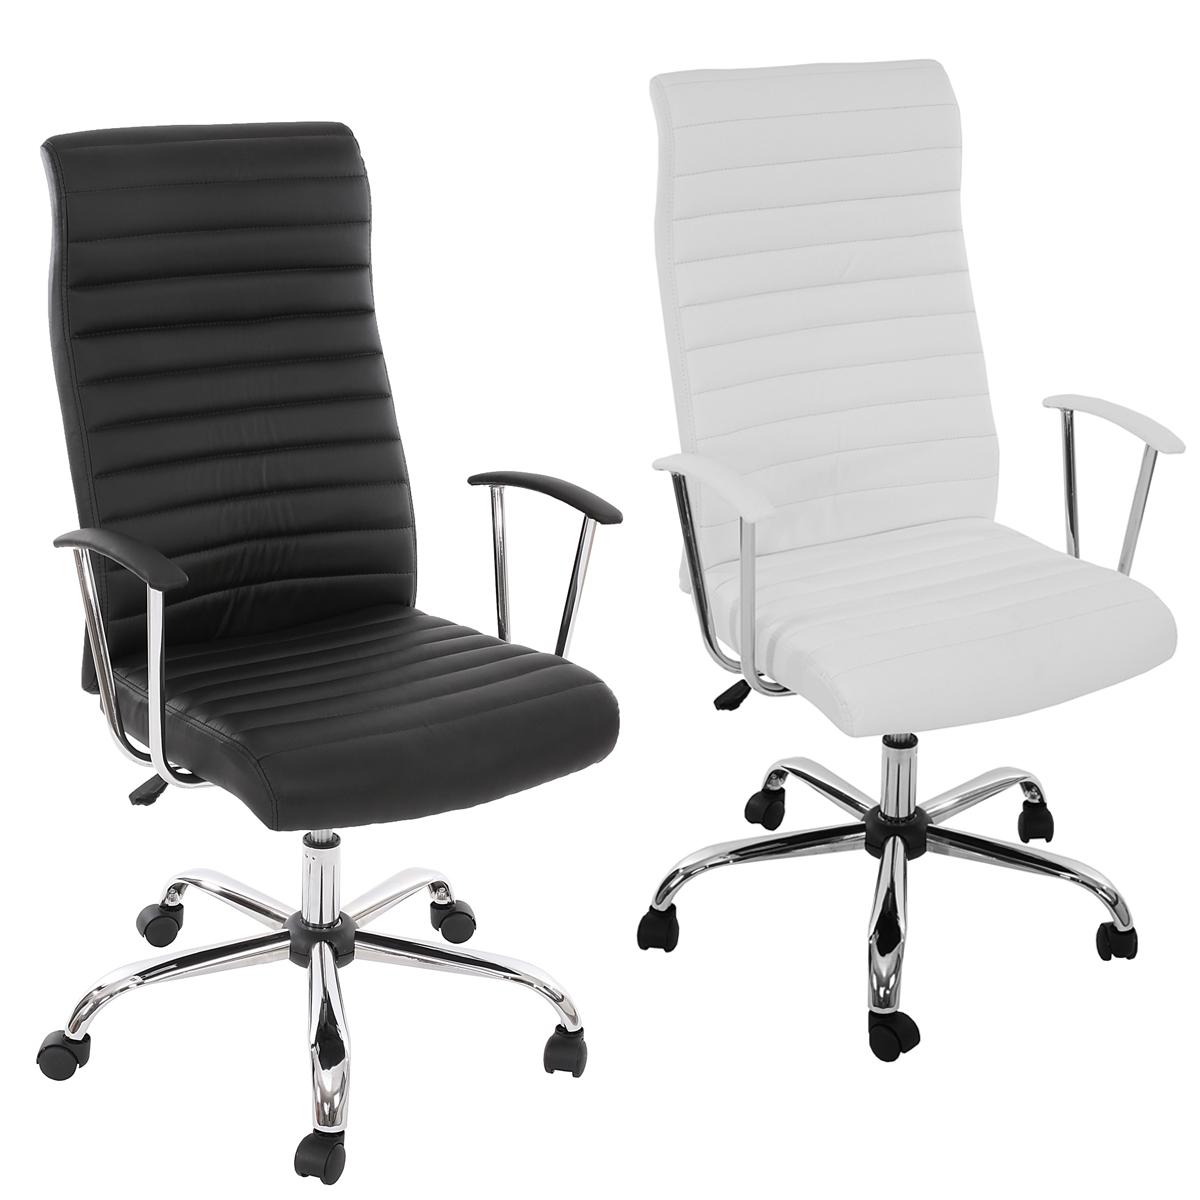 details sur fauteuil chaise de bureau cagliari ergonomique simili cuir noir blanc